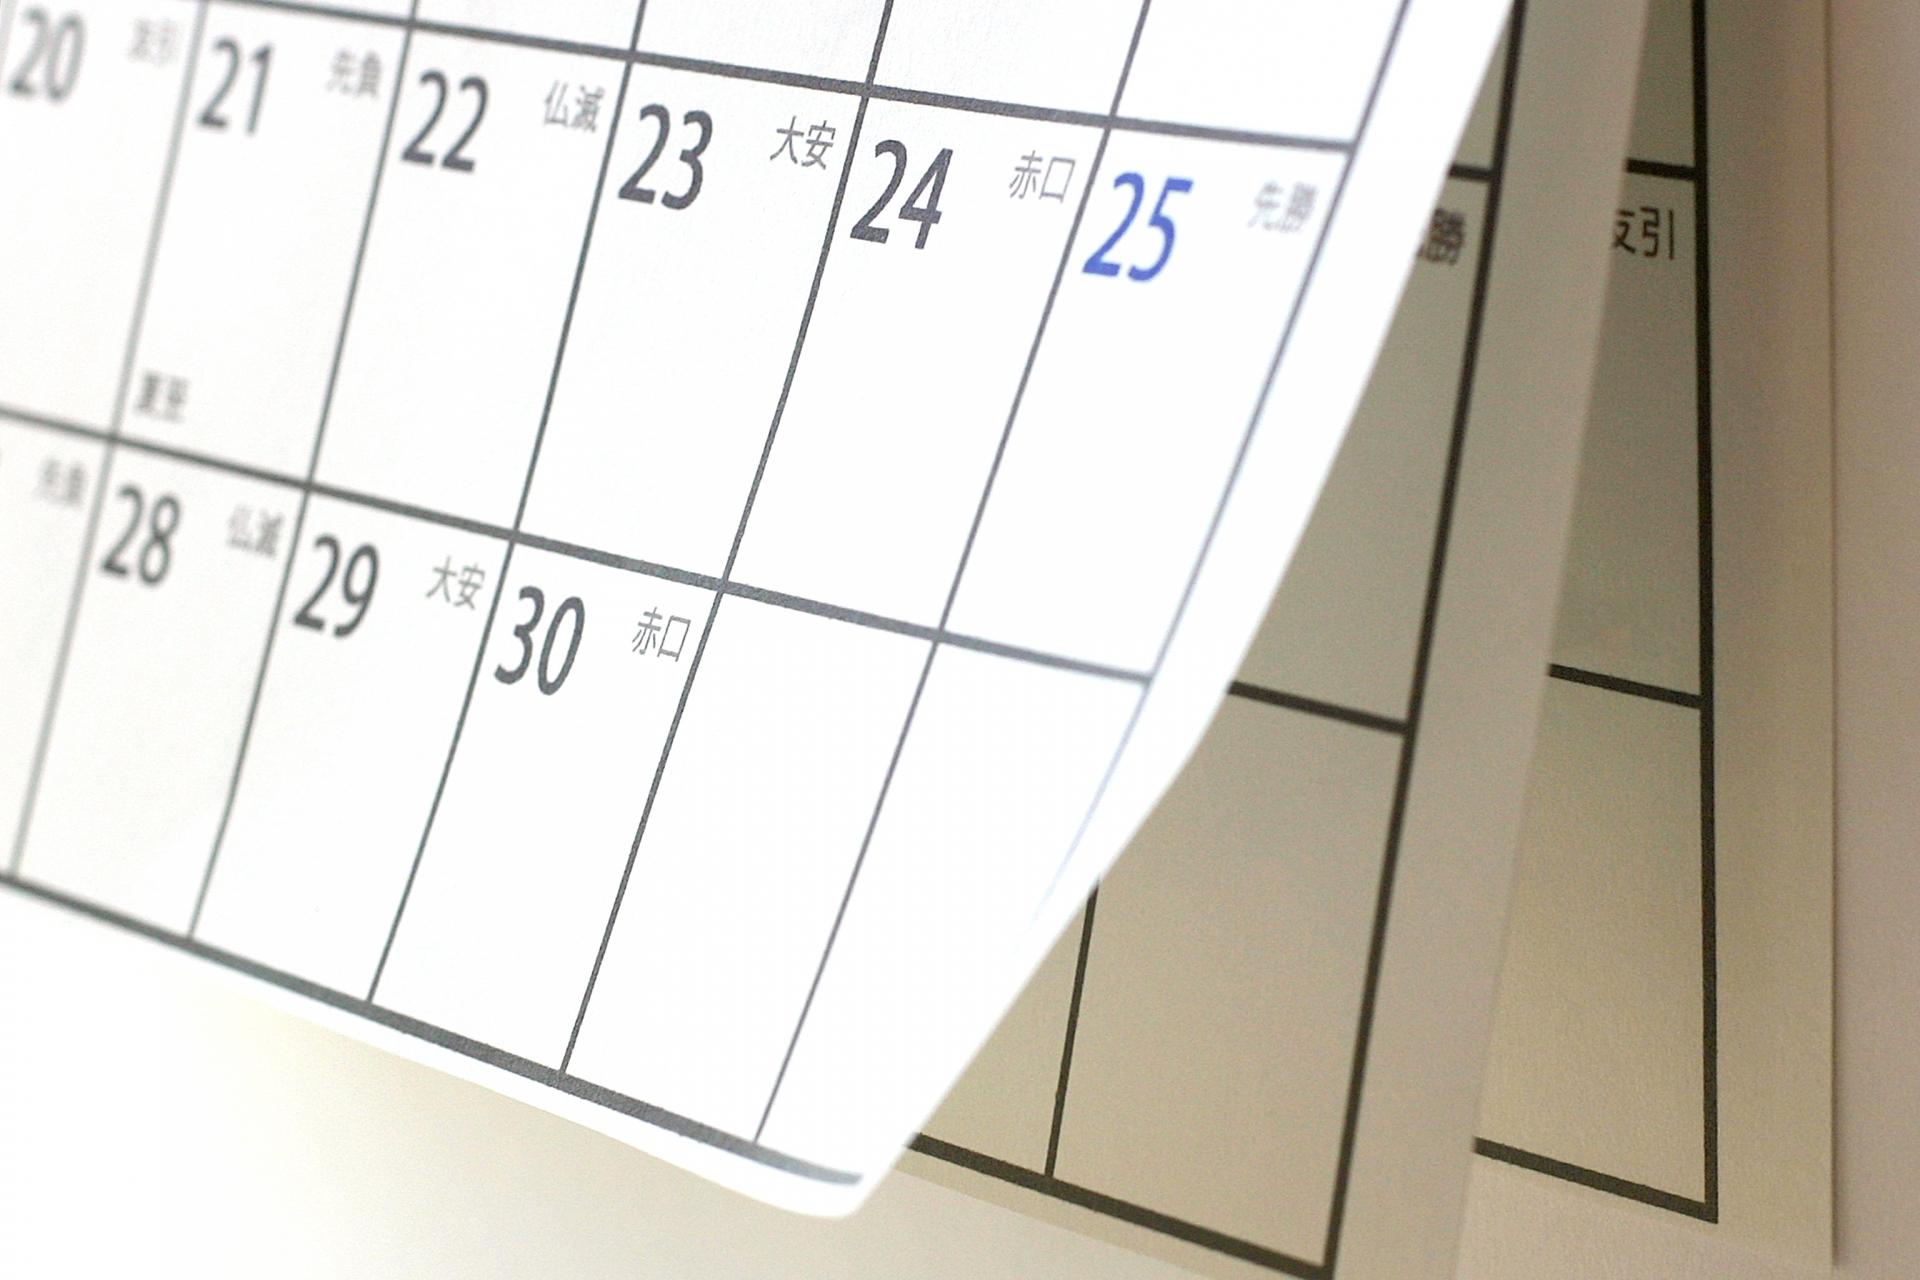 裾がめくれているカレンダー